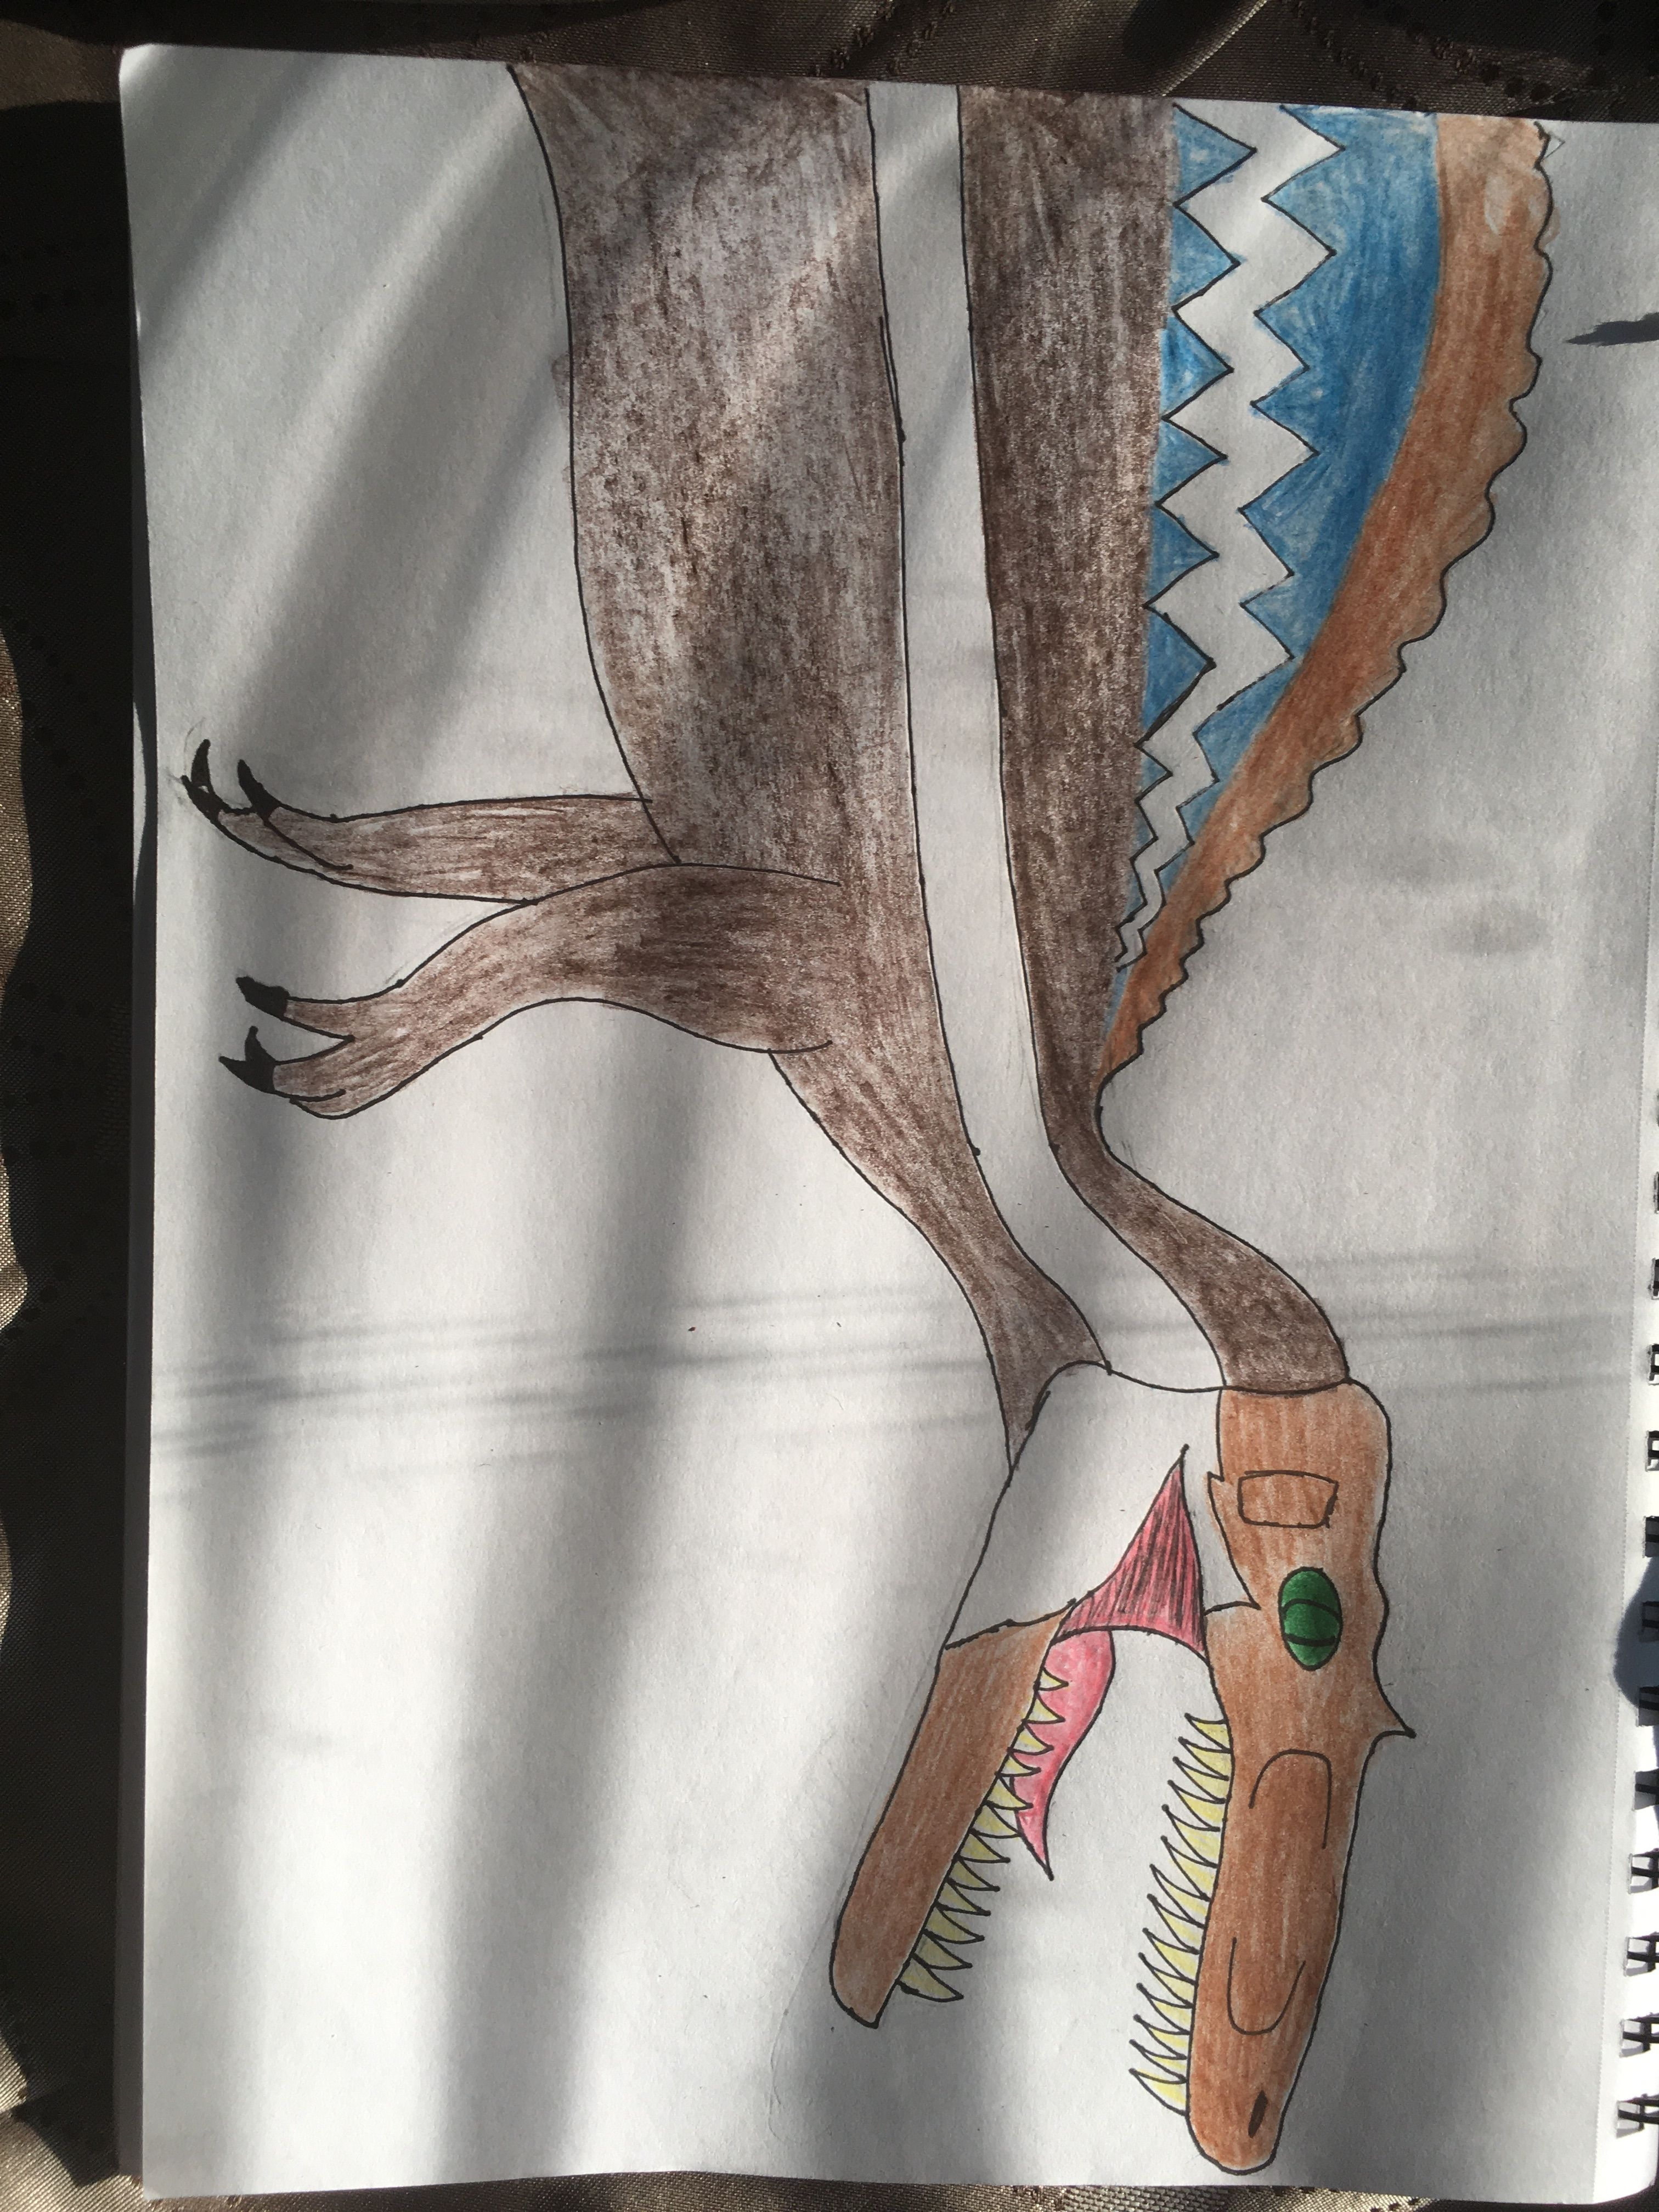 Spinosaurus  #jurassicparkworld My favorite Dino villain in the Jurassic Park/World Series #jurassicparkworld